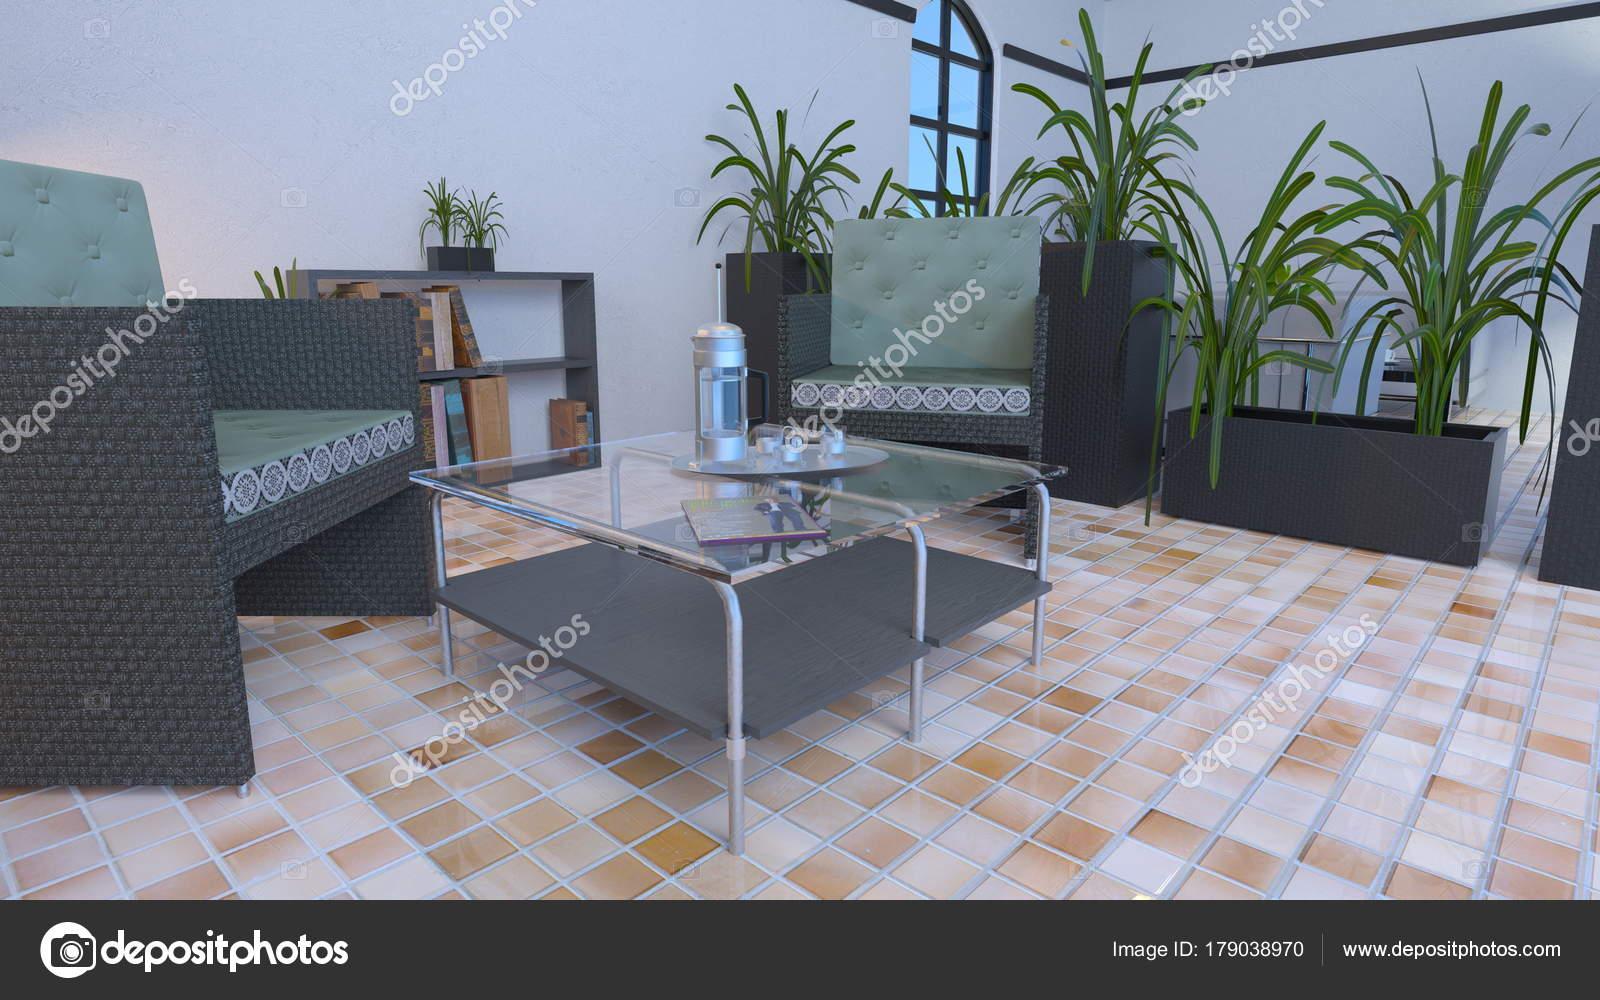 Wohnzimmer Rendering Des Wohnzimmers — Stockfoto © TsuneoMP #179038970